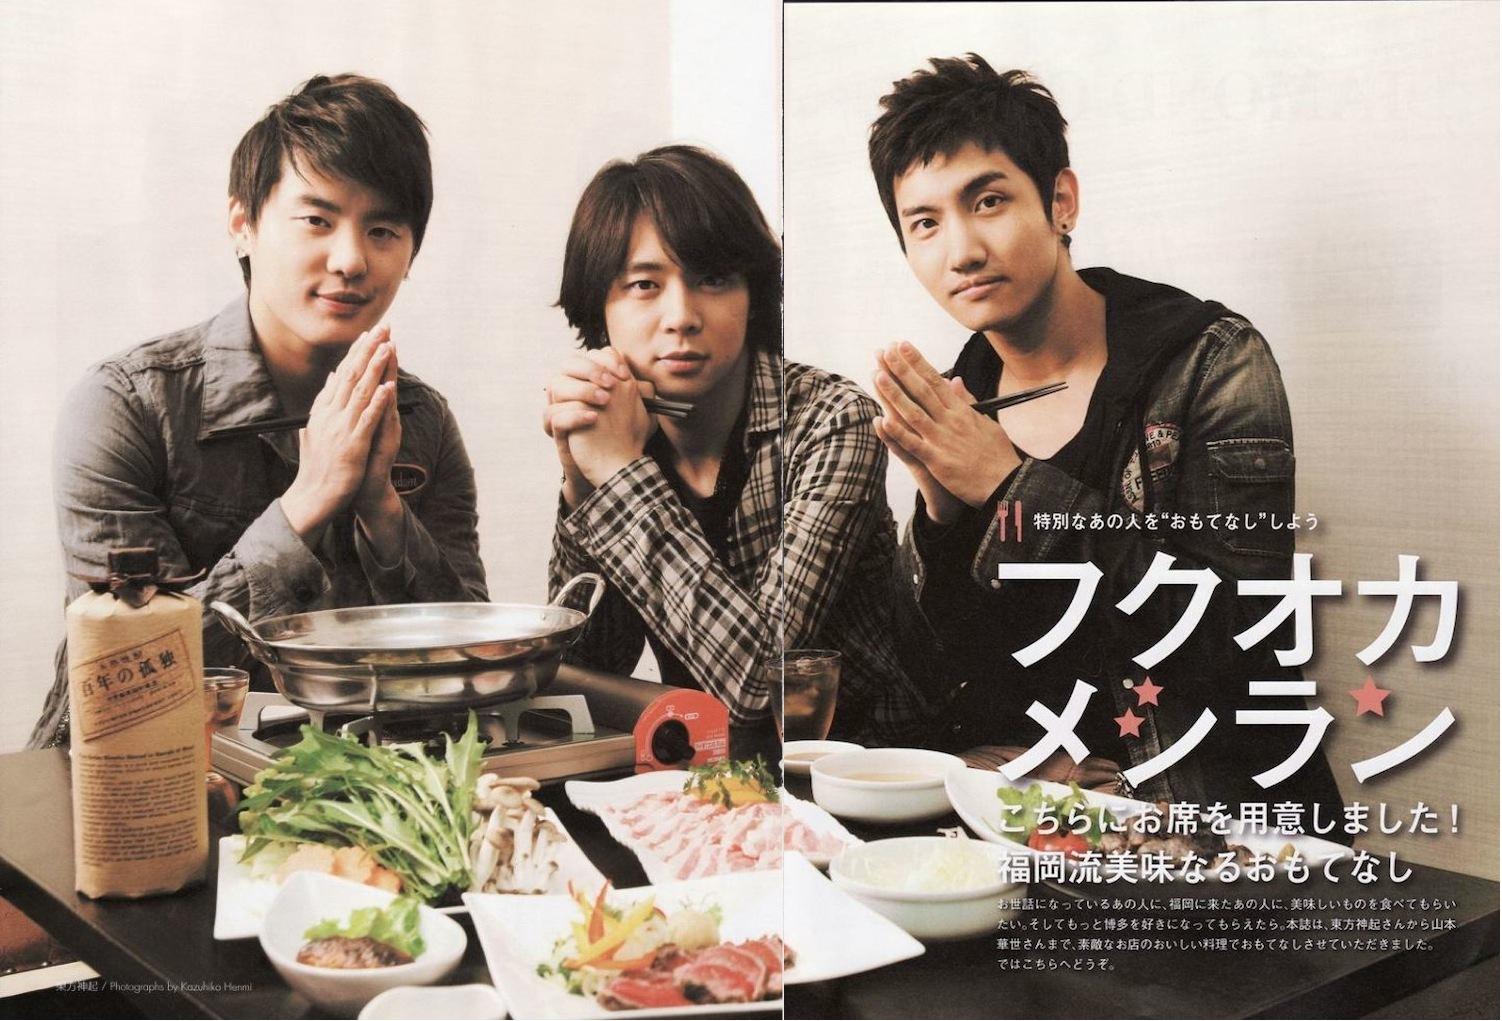 0903_tvxq_ai-vision_magazine_01.jpg